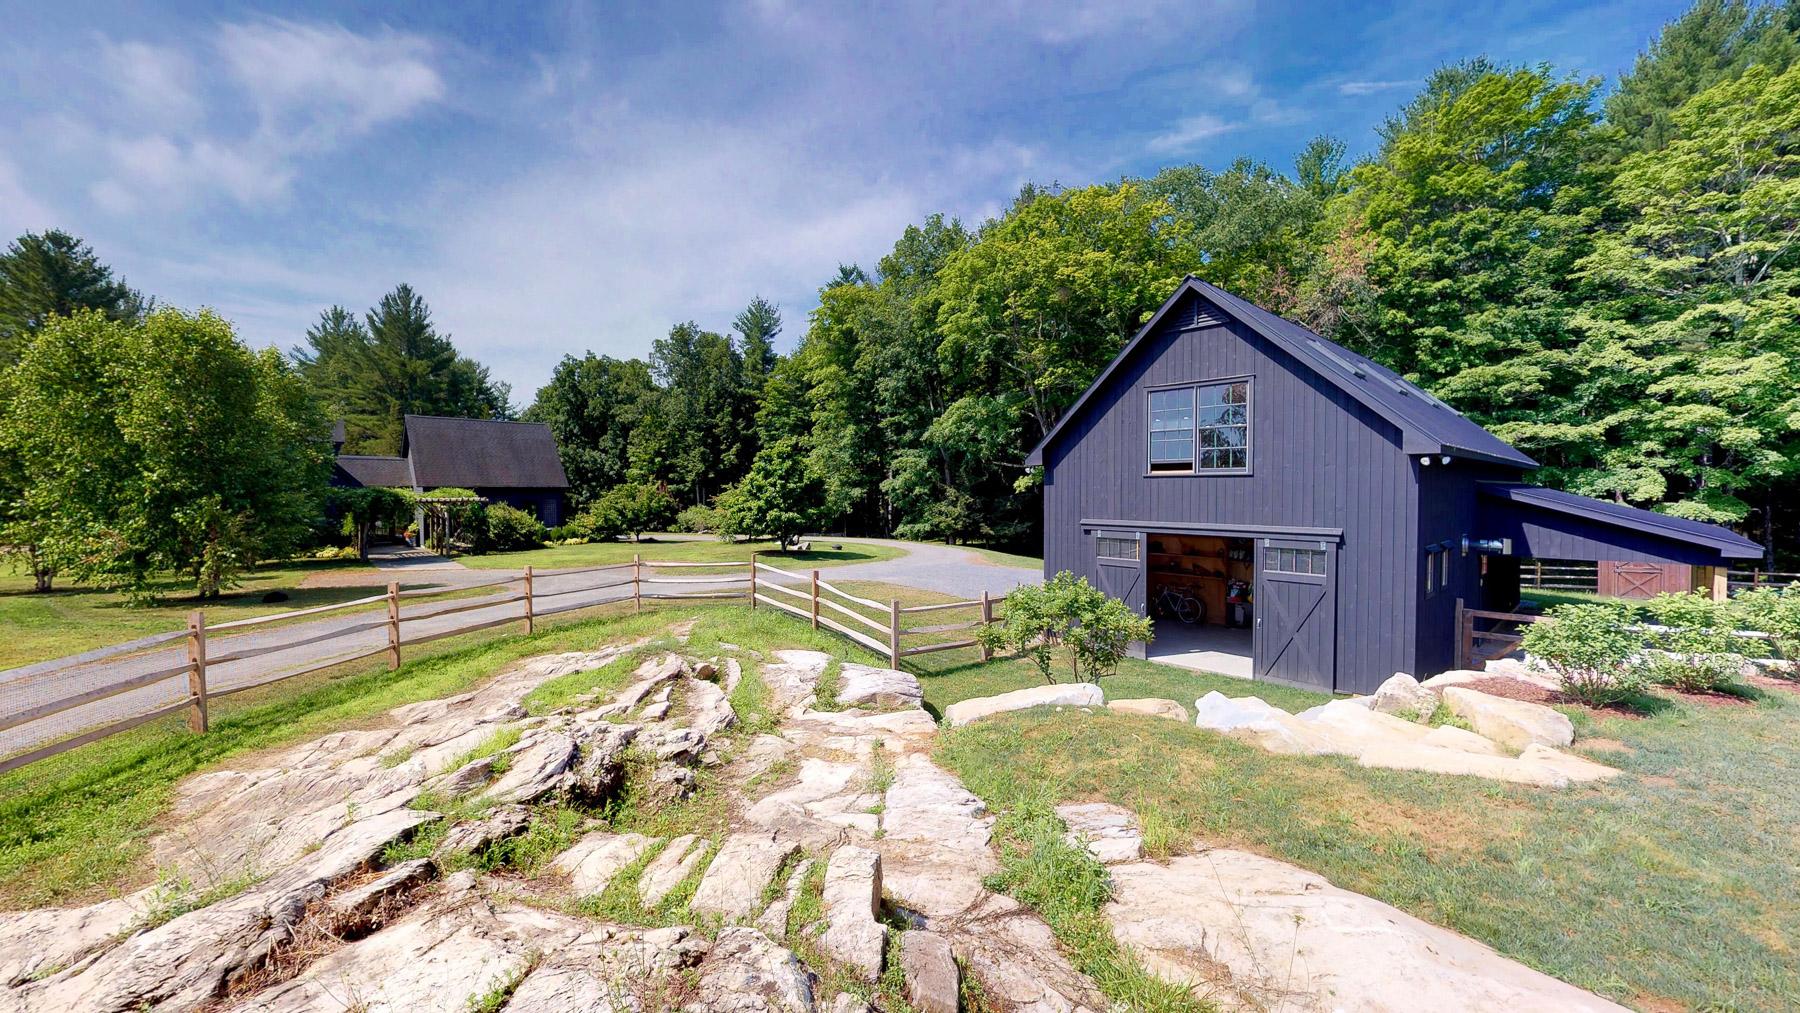 Barn setting in rocky hillside